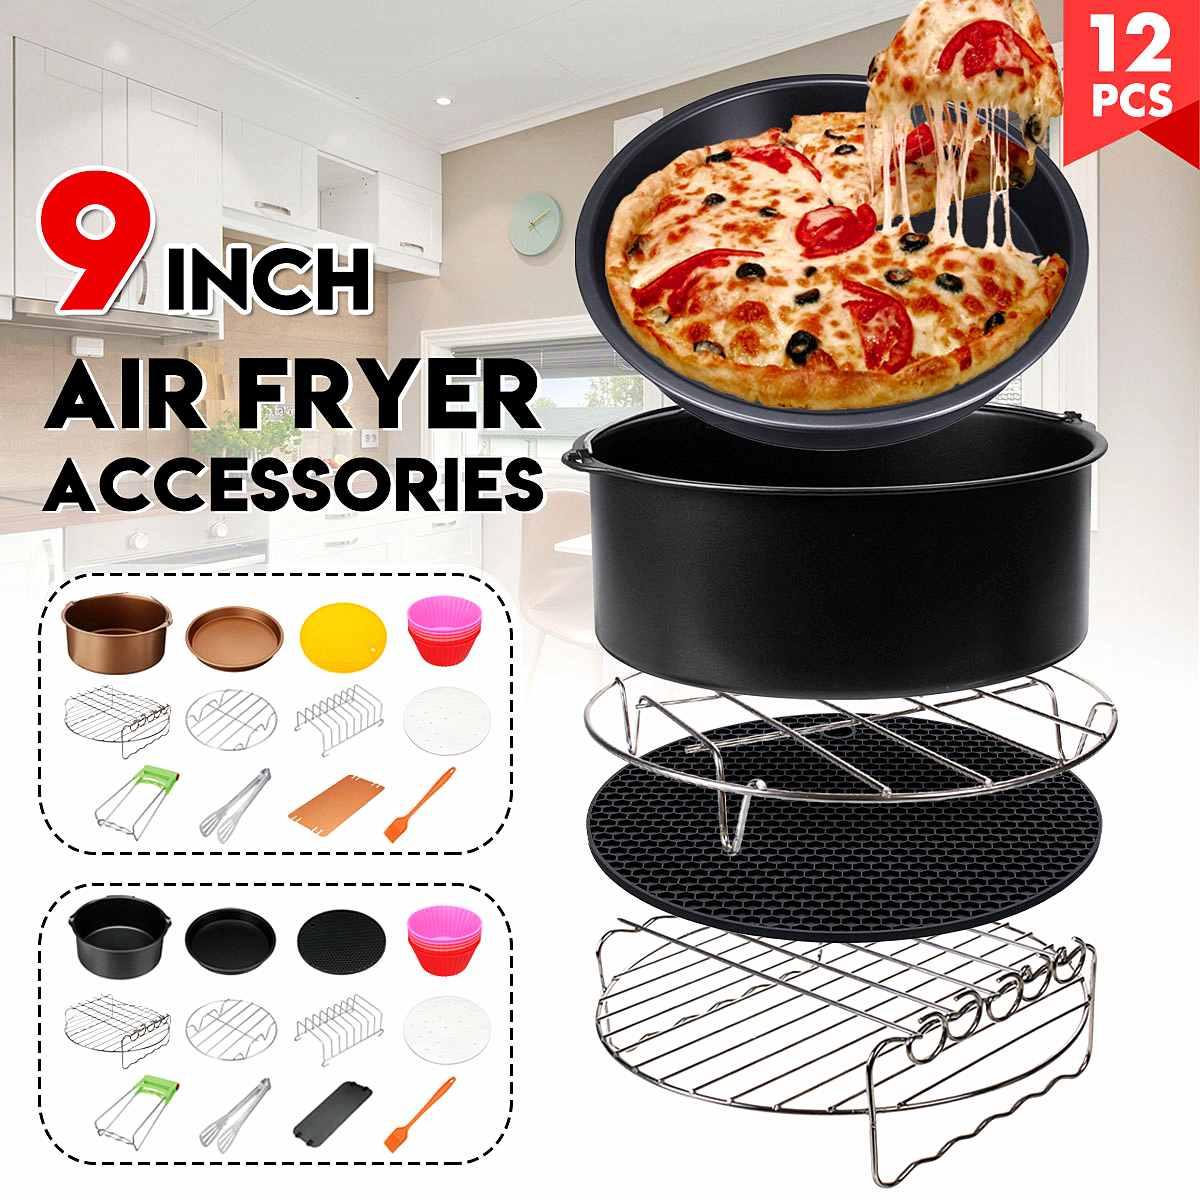 Accessoires de friteuse à Air 12 pièces 9 ''ensemble antiadhésif pour 5.3-6.8QT friteuse à Air Barbecue, cuisson, cuisine cuisinière outils de cuisson noir/or